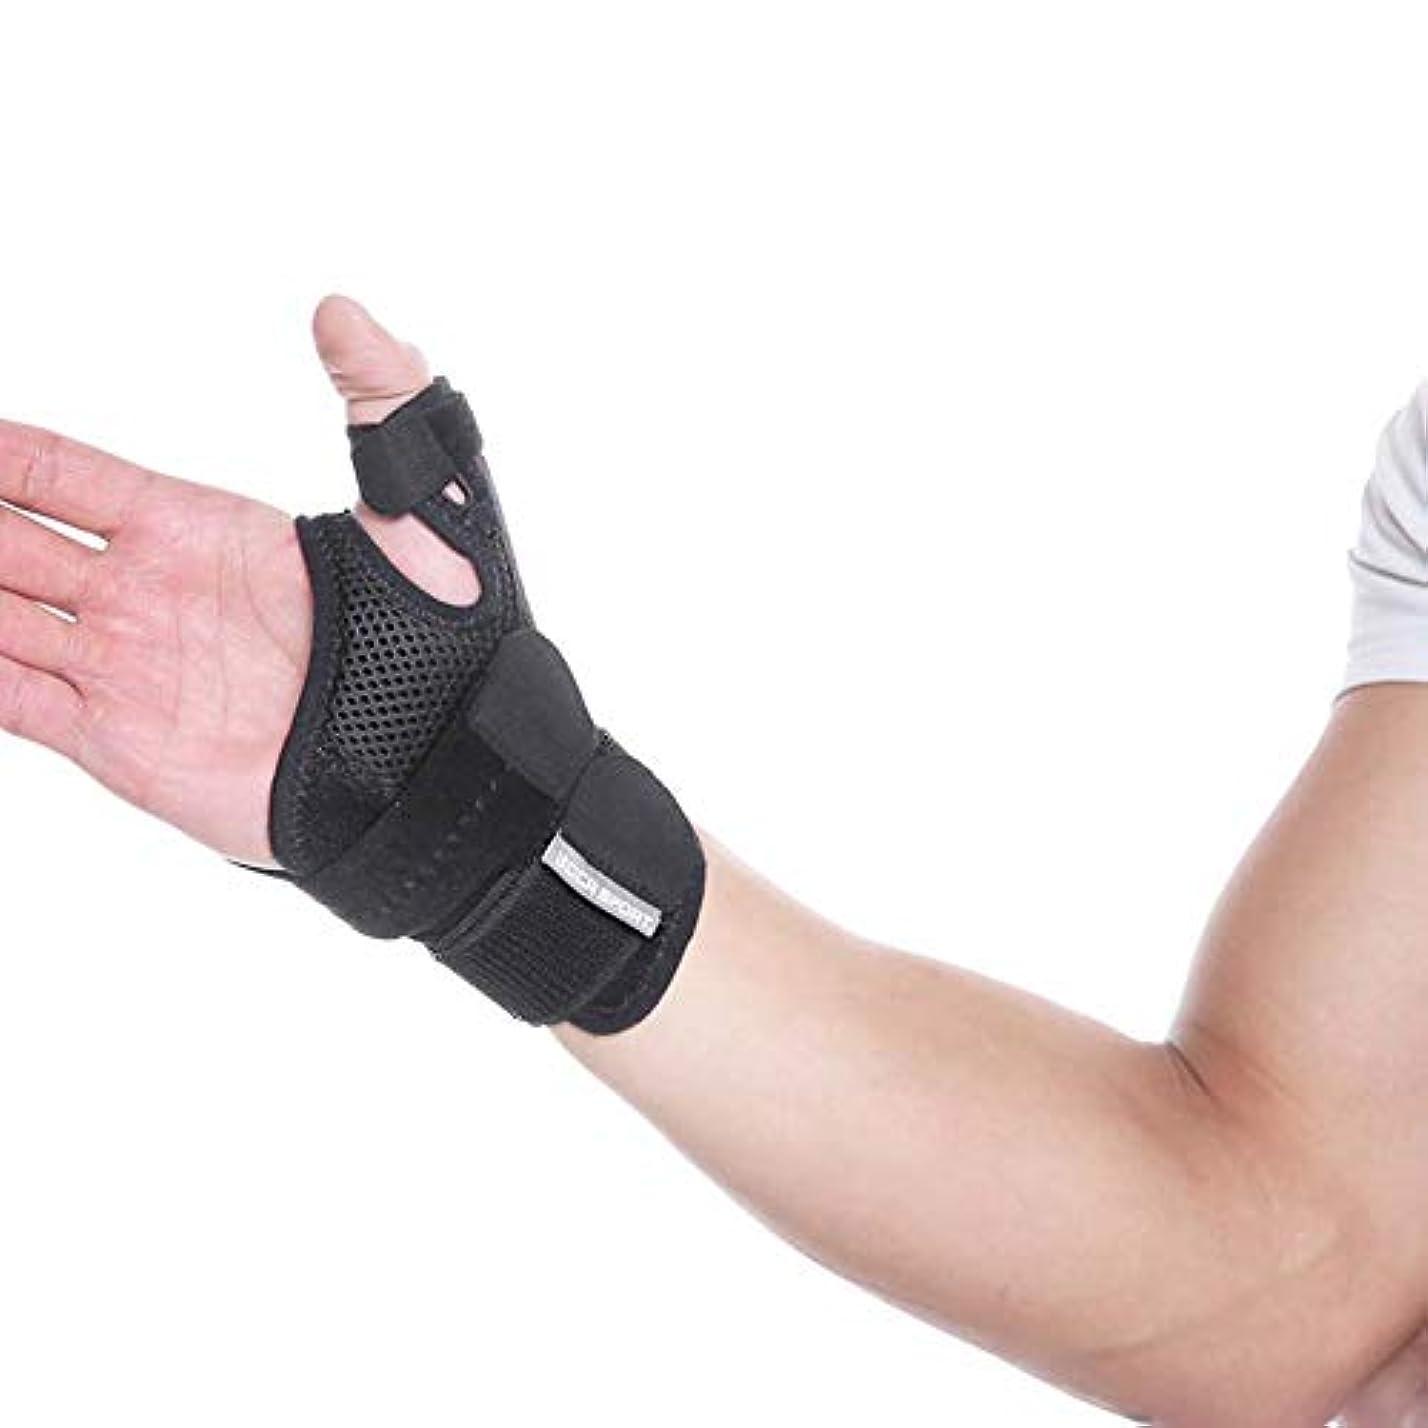 トンネル創造可動式関節炎サムスプリント - 痛み、捻挫、株、関節炎、手根管&トリガー親指固定用親指スピカサポートブレース - リストストラップ